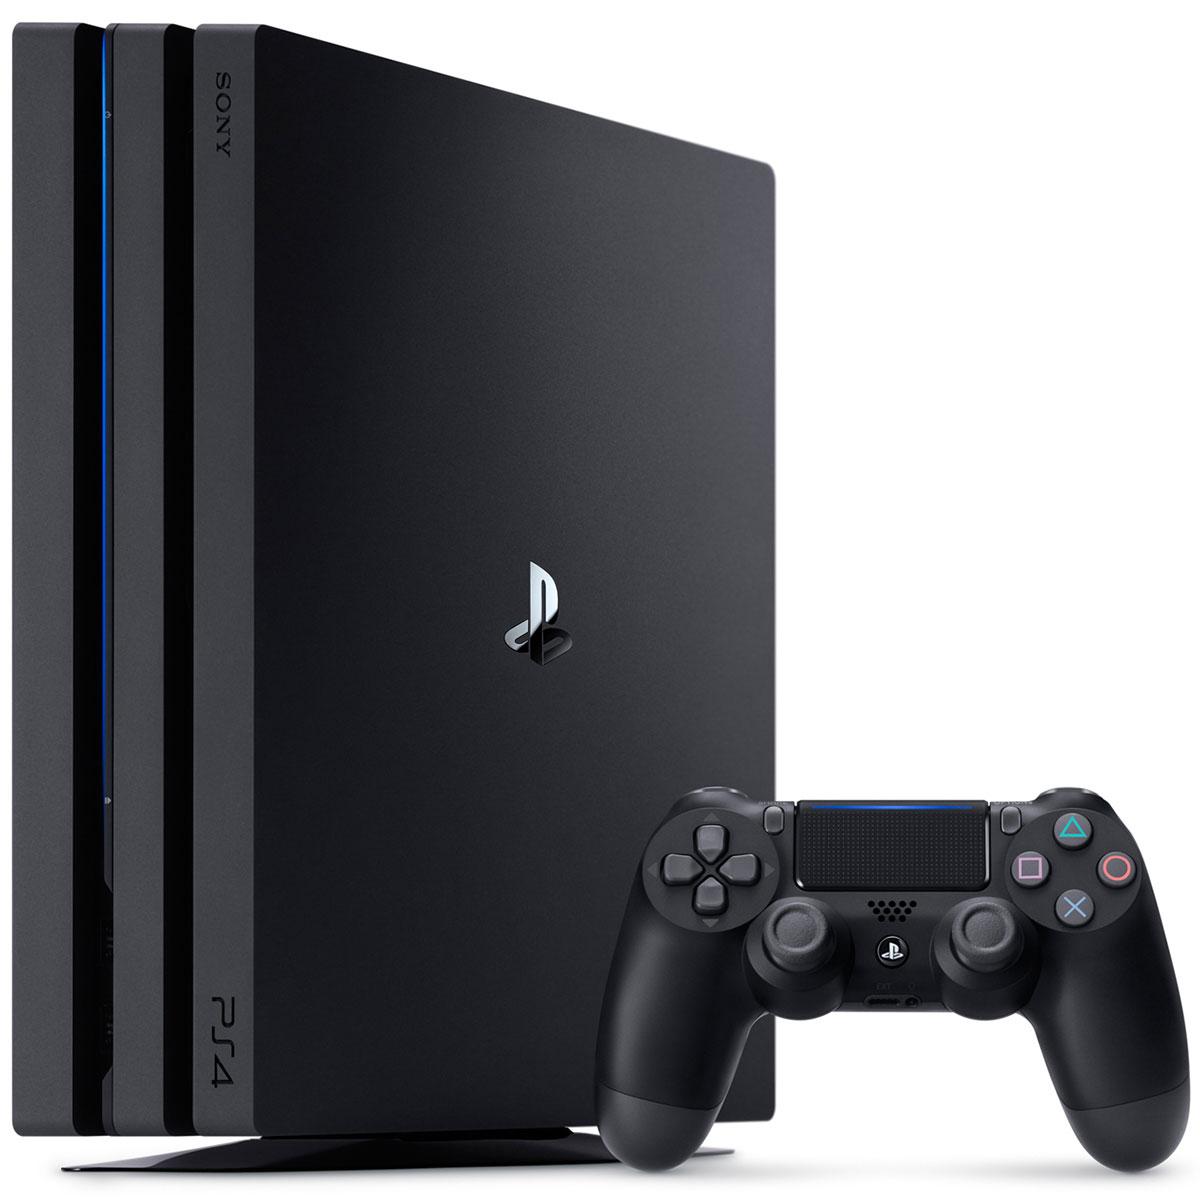 Bộ Máy Game PS4 Pro 1TB Kèm 2 Game Godofwar 4 , Sekiro : Shadows Die Twice - Hàng Chính Hãng